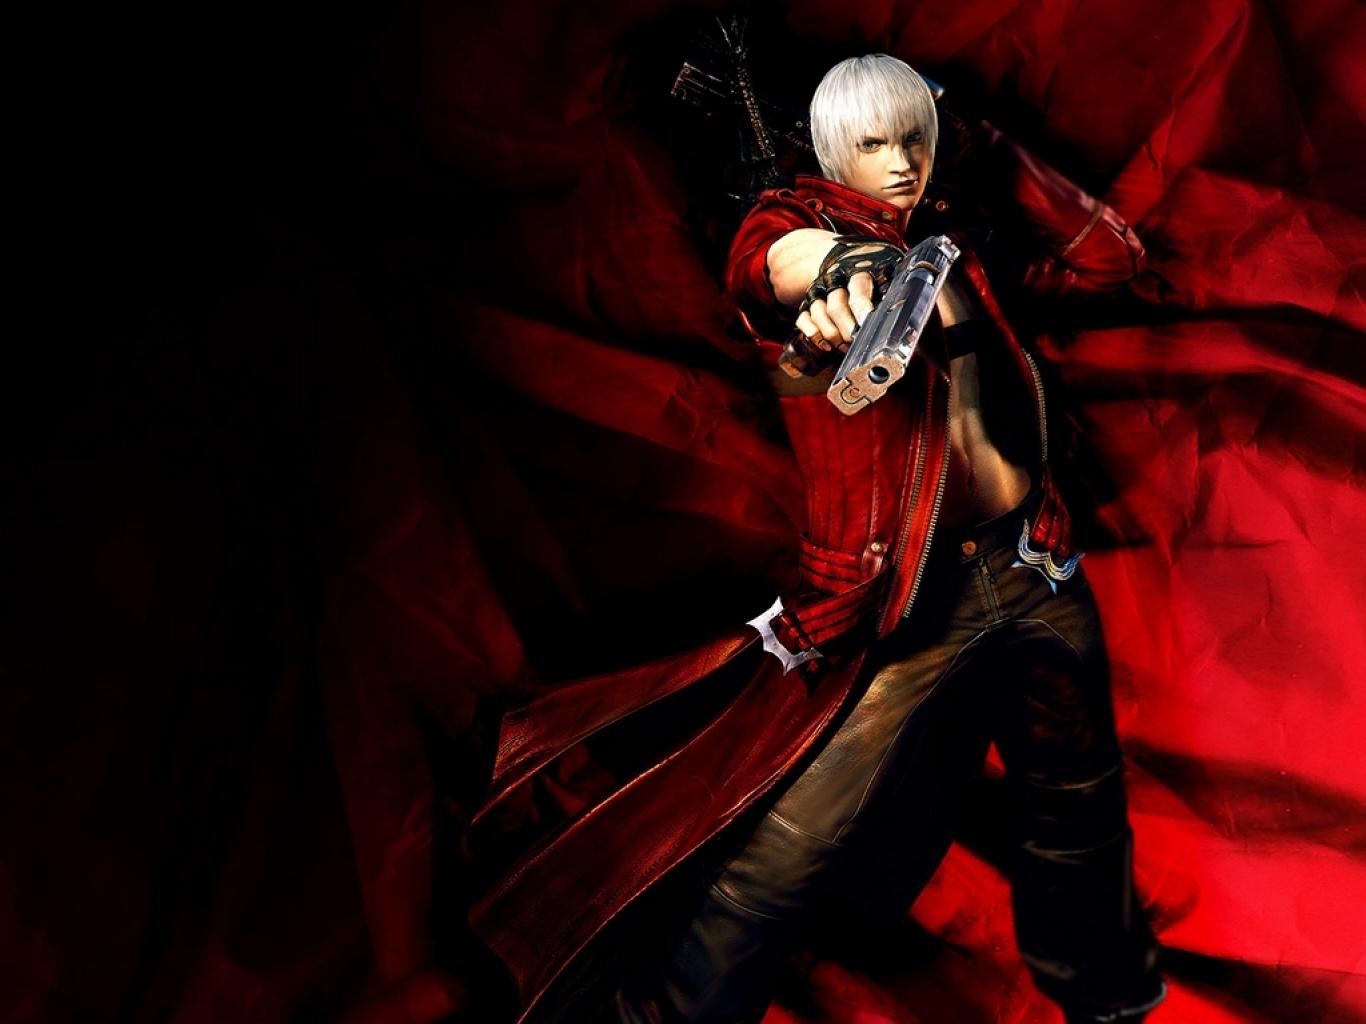 http://3.bp.blogspot.com/-vzaMMWmPSQA/TWammIrPQ7I/AAAAAAAABBo/3HqpQwq5ygA/s1600/Dante-de-Devil-May-Cry-2.jpg